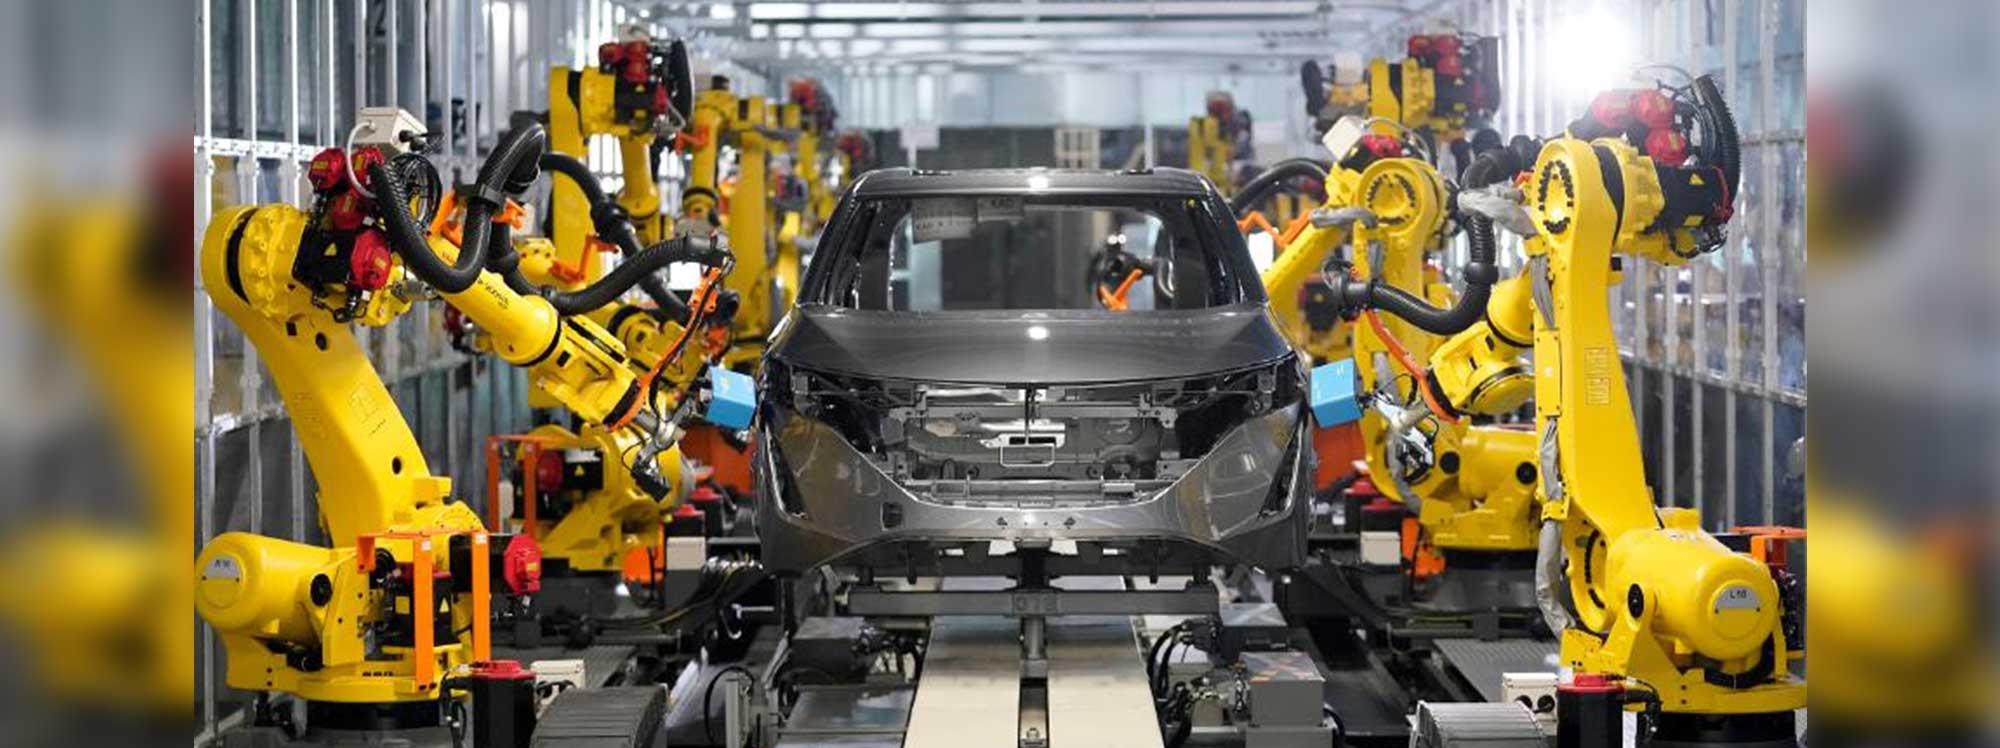 Nissan Intelligent Factory, nueva línea de producción